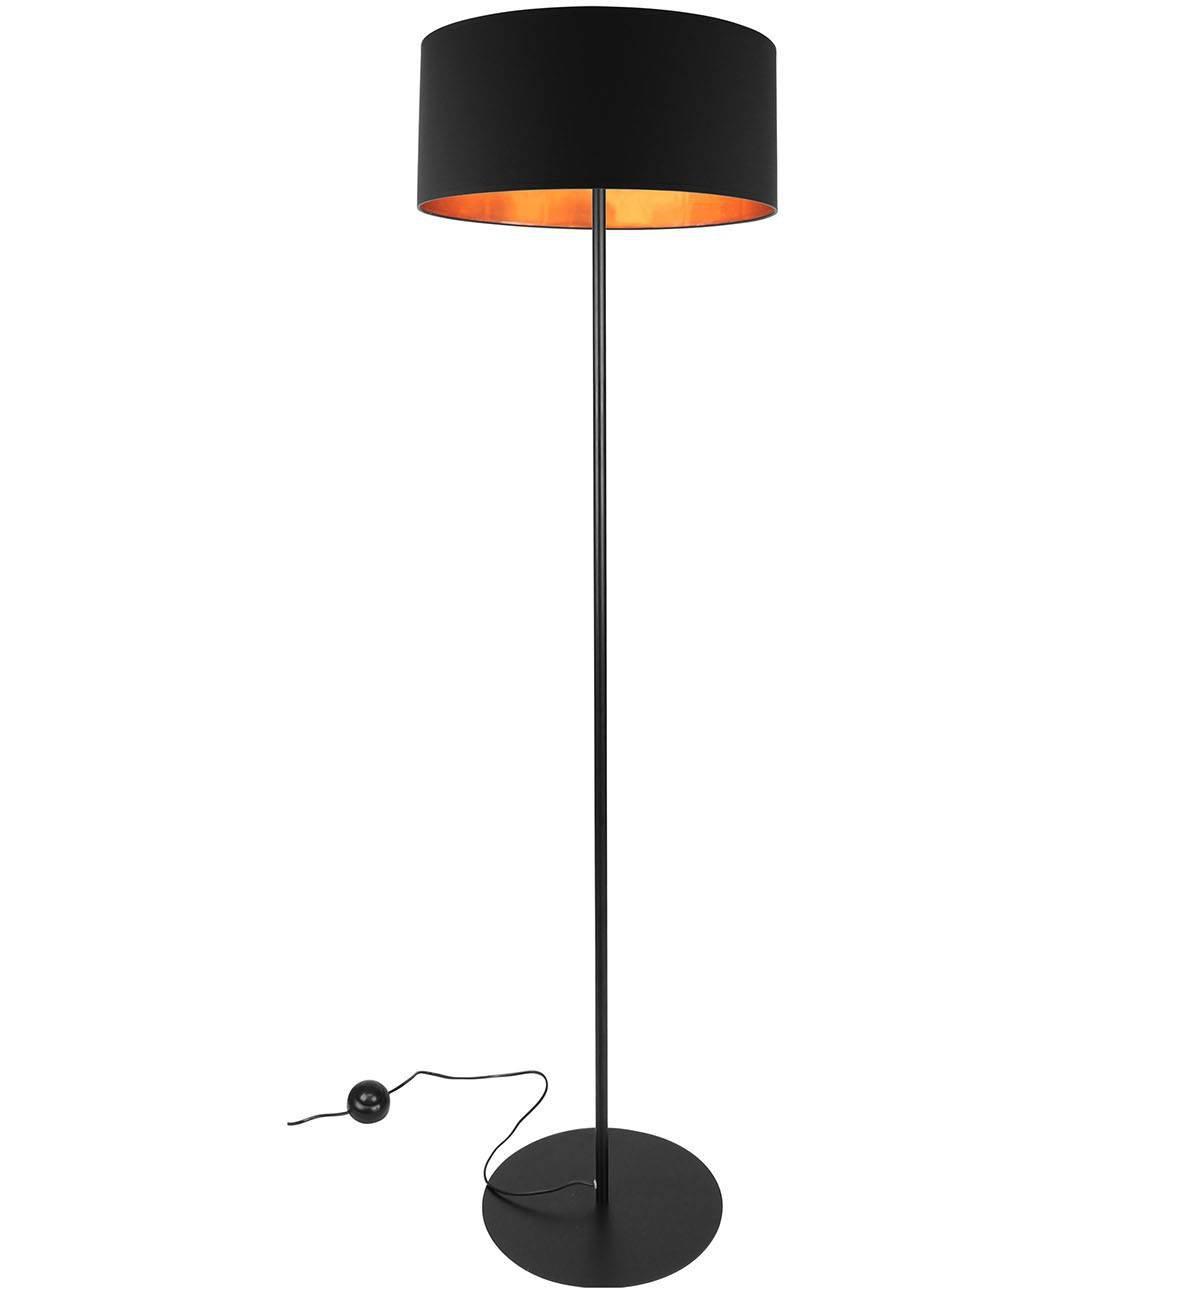 lampy stojące z okrągłym abazurem